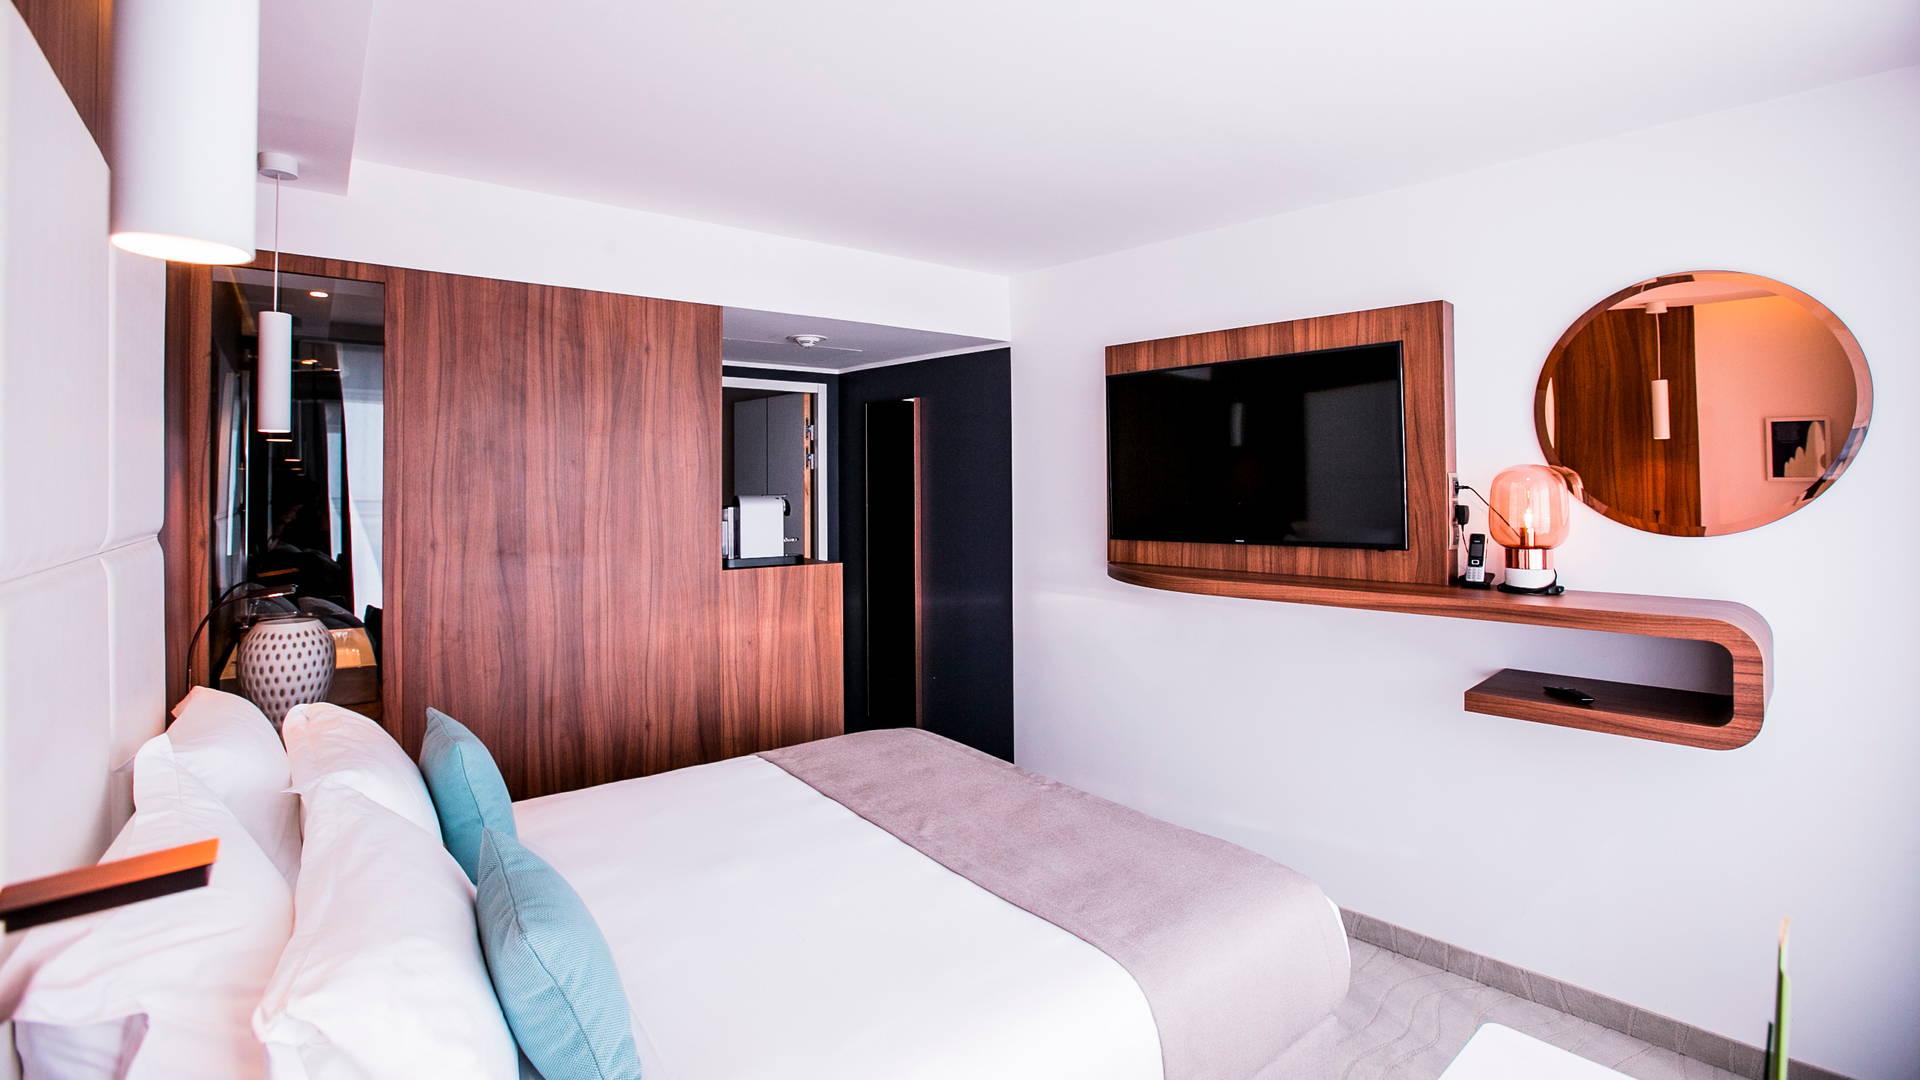 Chambre bien équipée avec télévision, miroir, lit double et salle de bain, Hôtel 5 étoiles la grande motte, Hôtel La Plage.